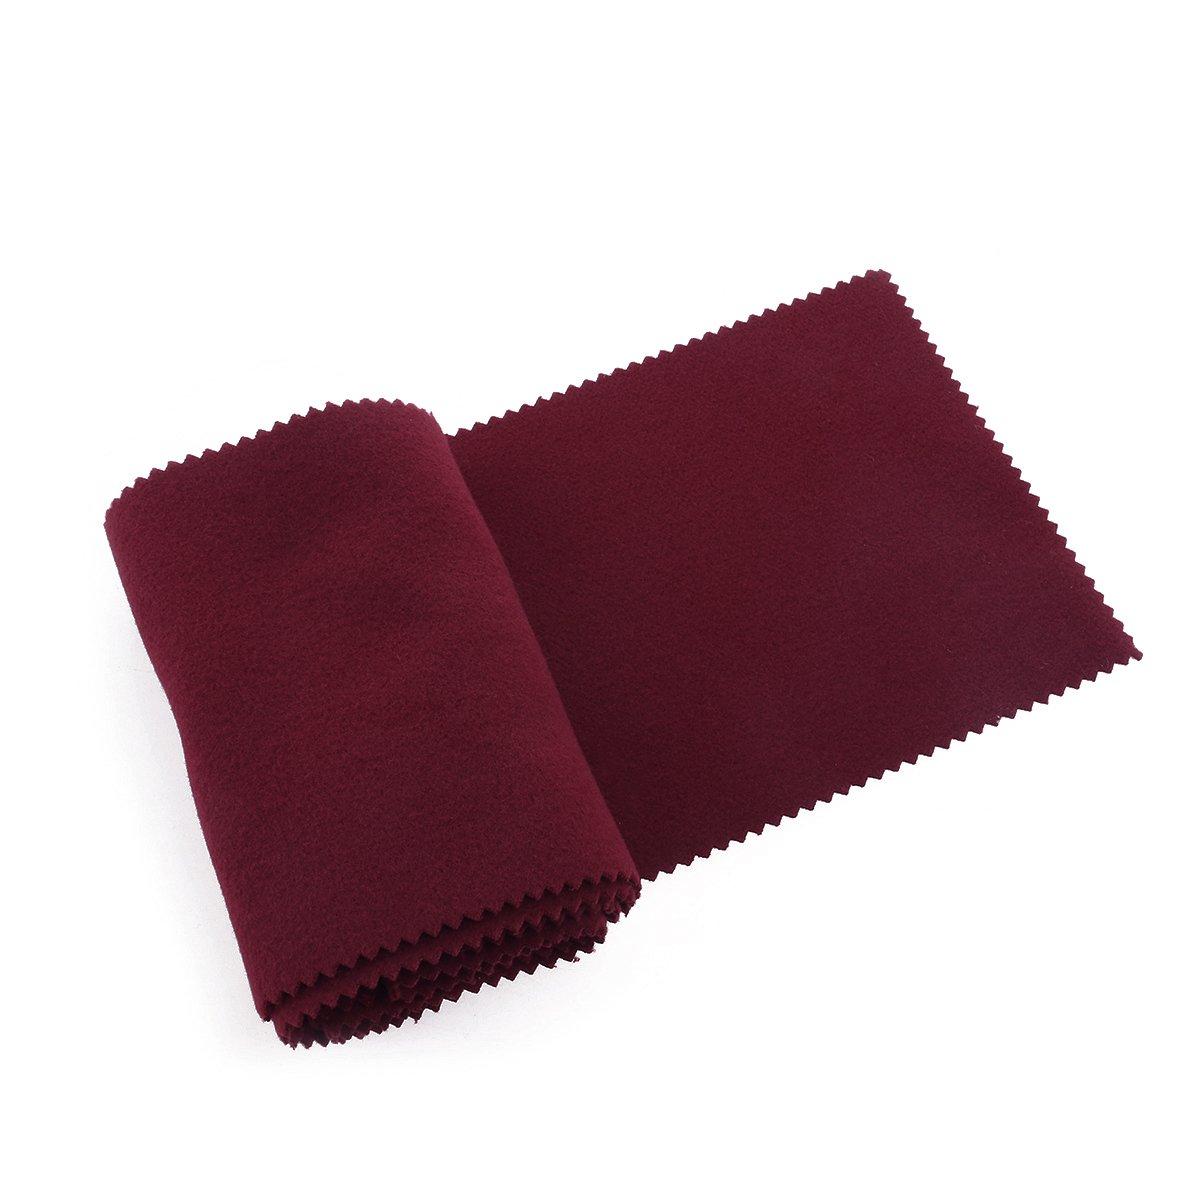 WINOMO 128 * 15CM Klaviertastatur Staubschutz Tastaturabdeckung Tuch (rot) 8X161504QSQVA5252